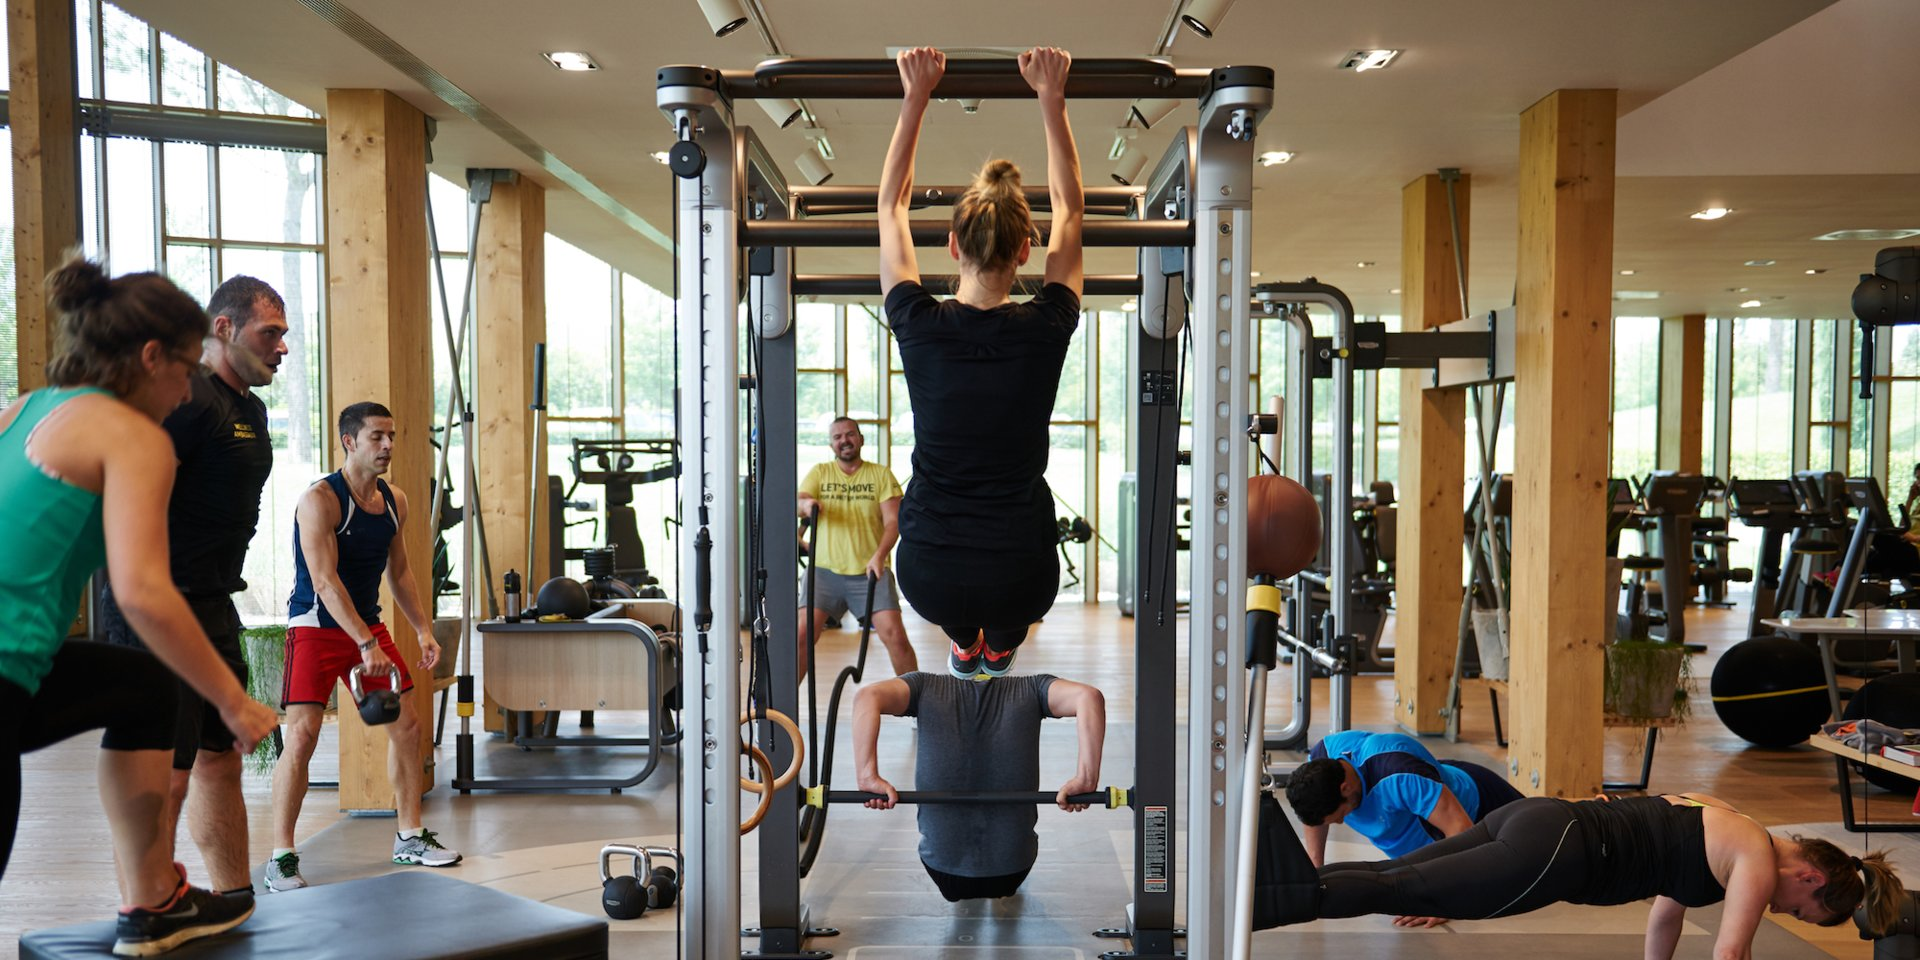 allentown gyms